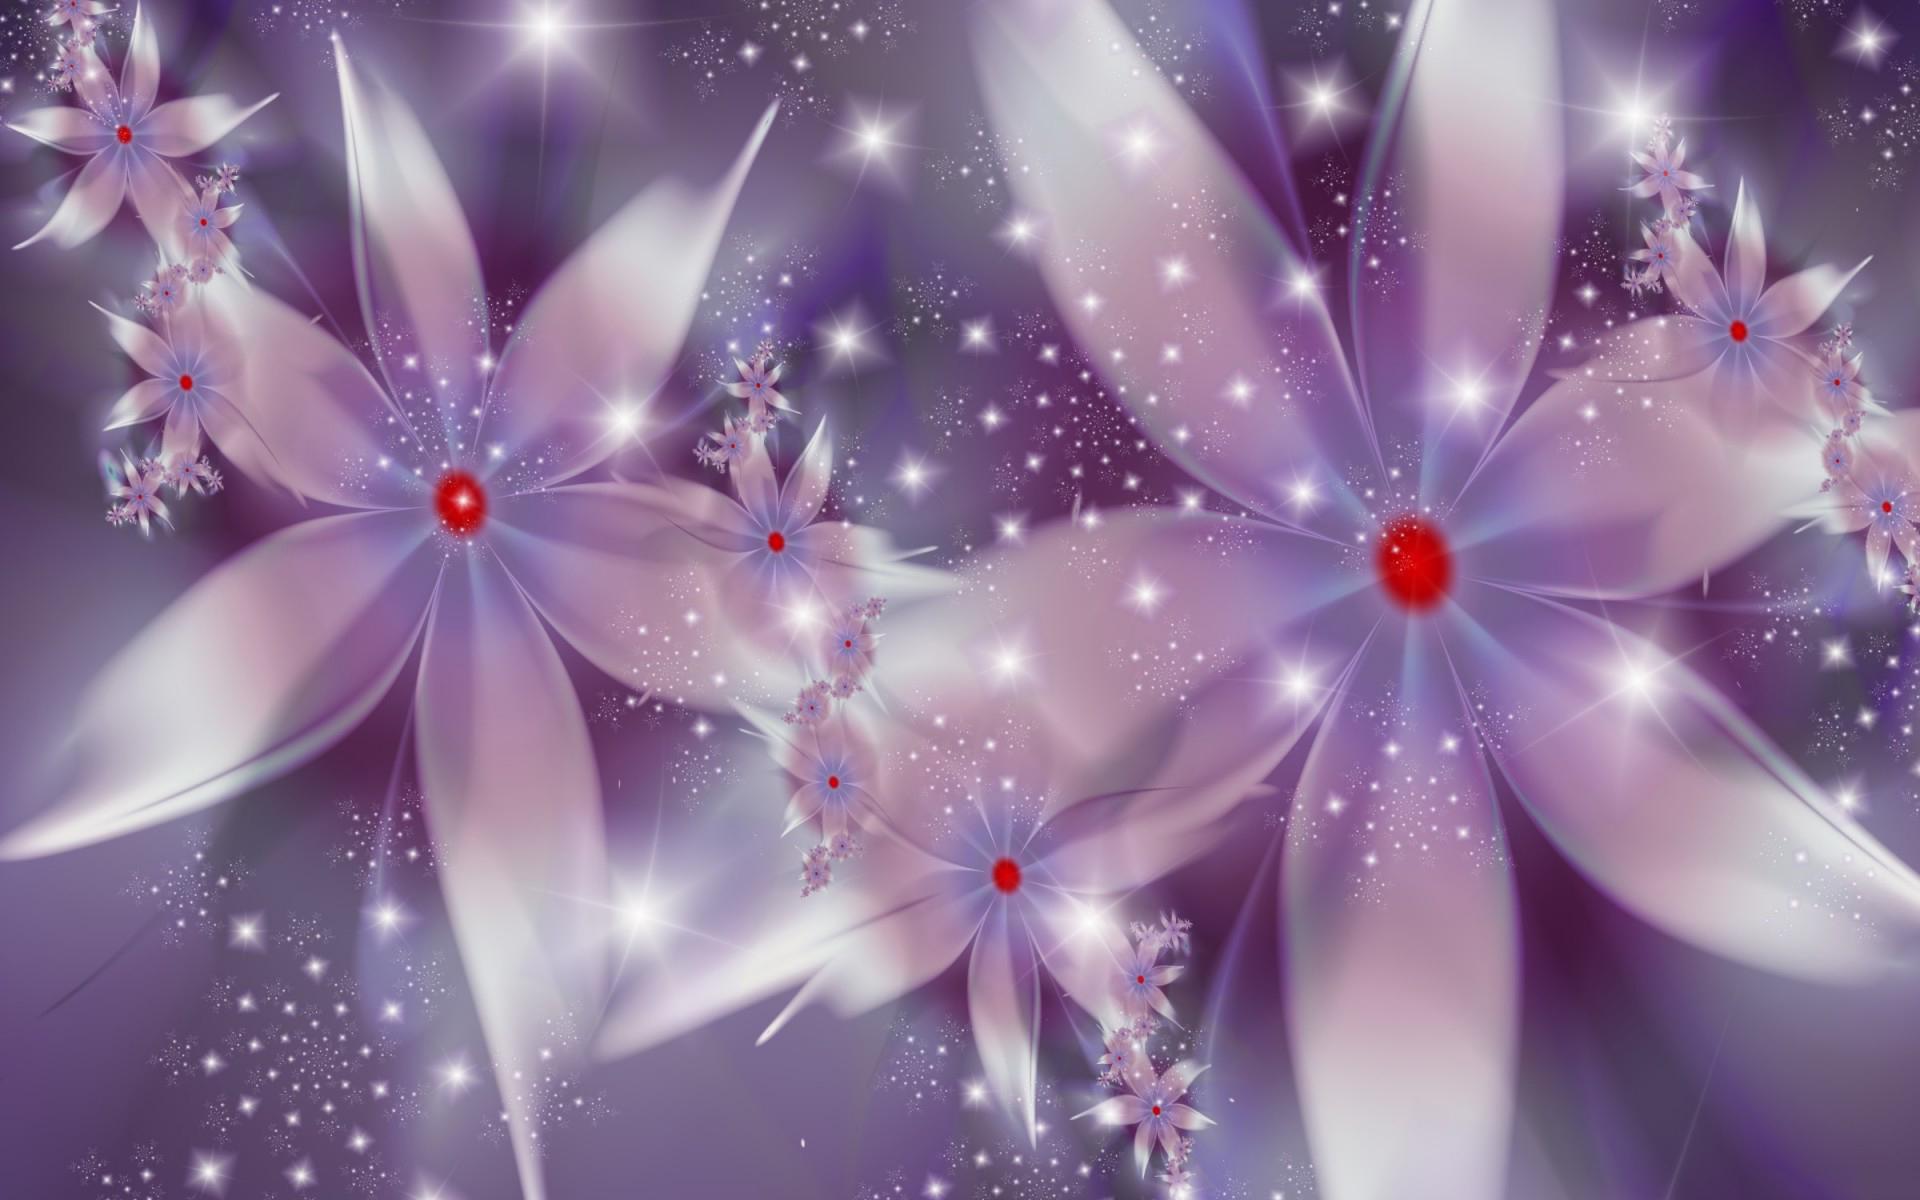 цветок сиреневый абстракция  № 3288291 загрузить